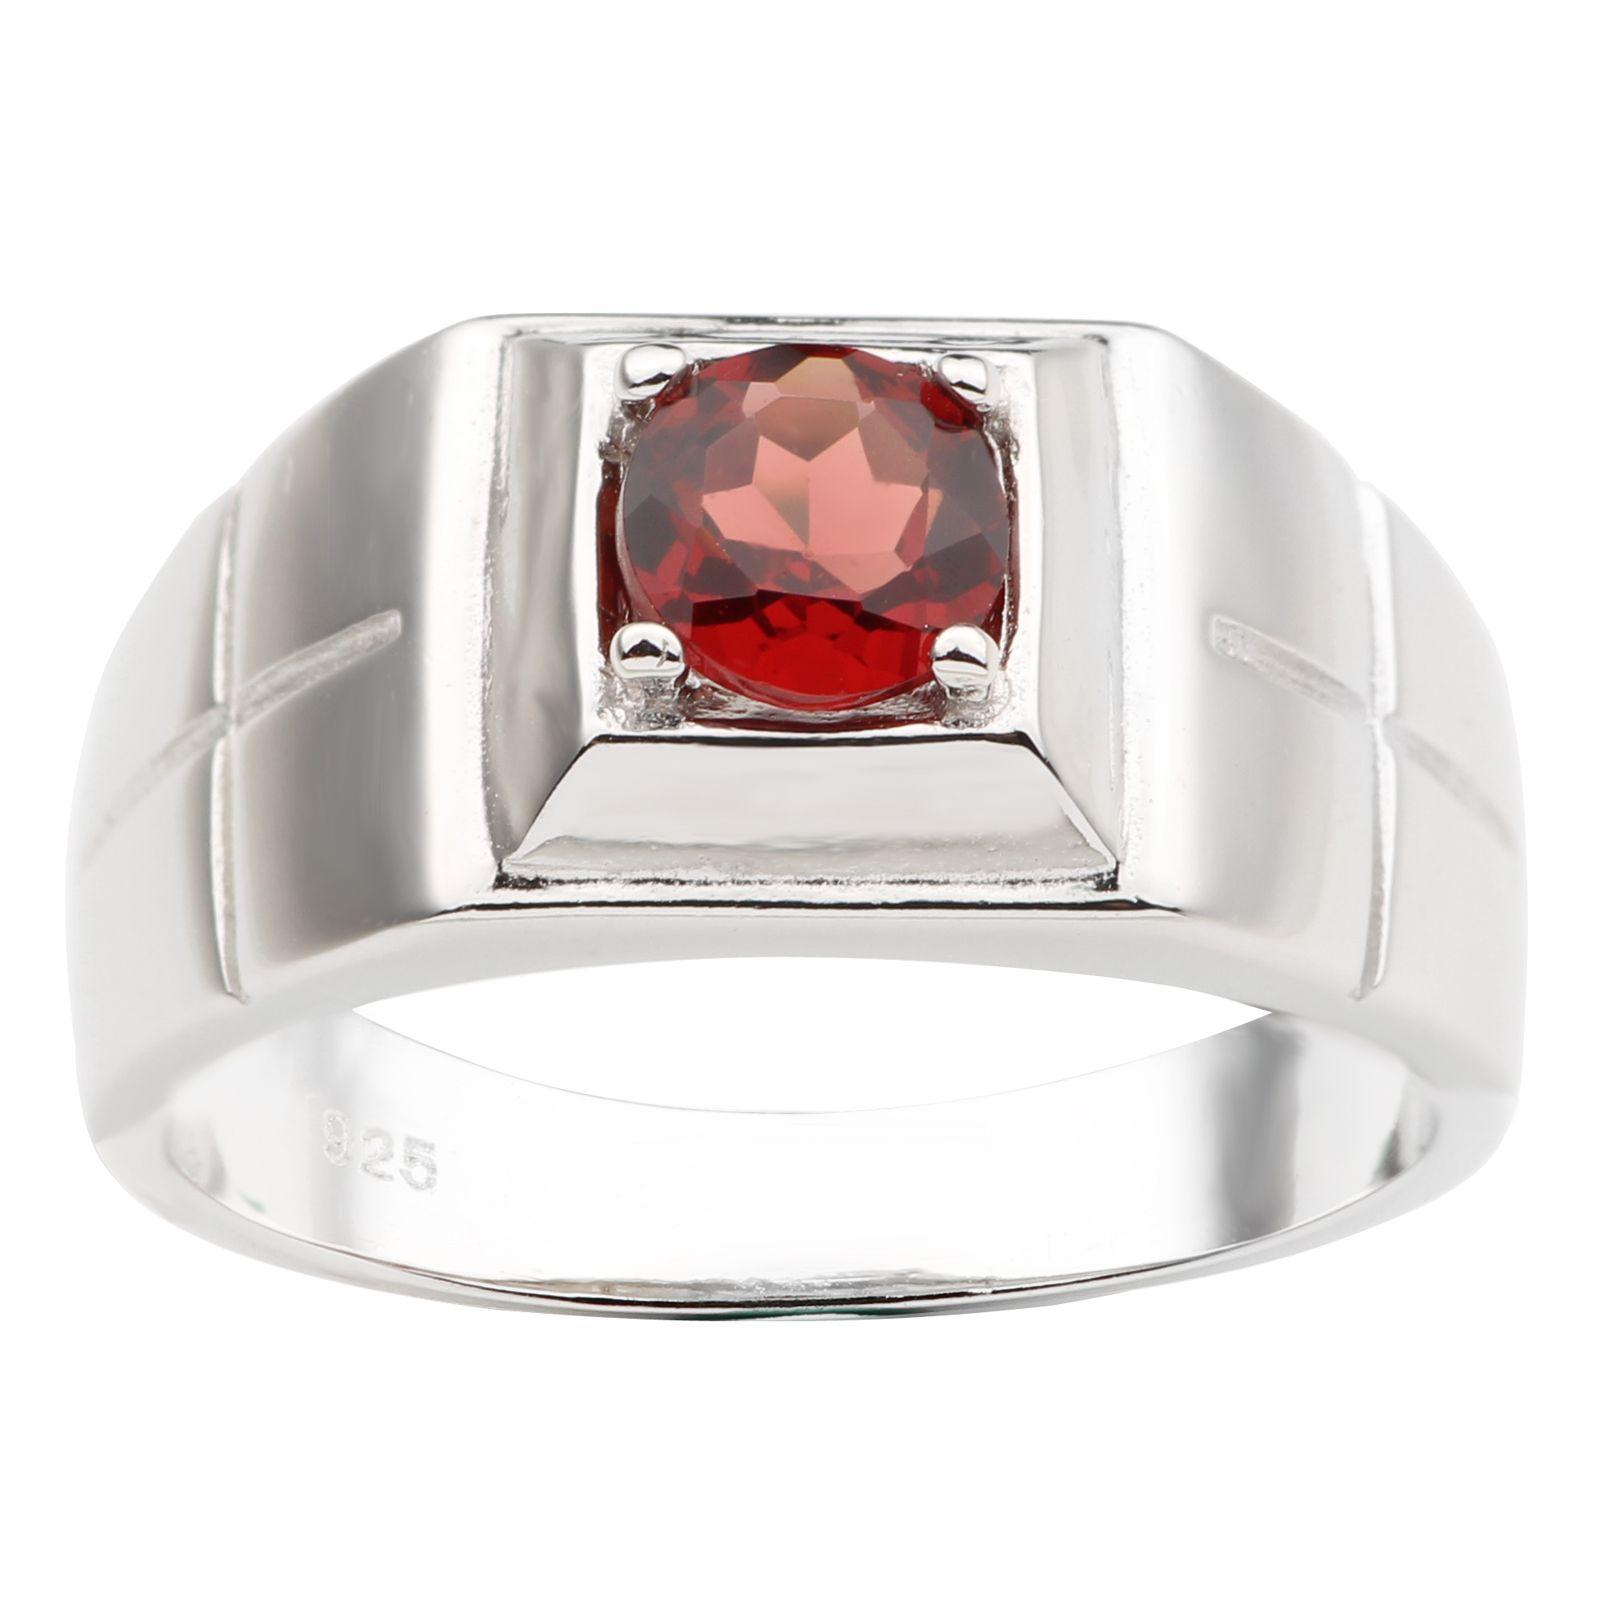 Anello da uomo in argento sterling 925 naturale rosso granato croce intaglia 6mm forma rotonda vera gemma di cristallo gennaio Birthstone regalo di compleanno R508RGN